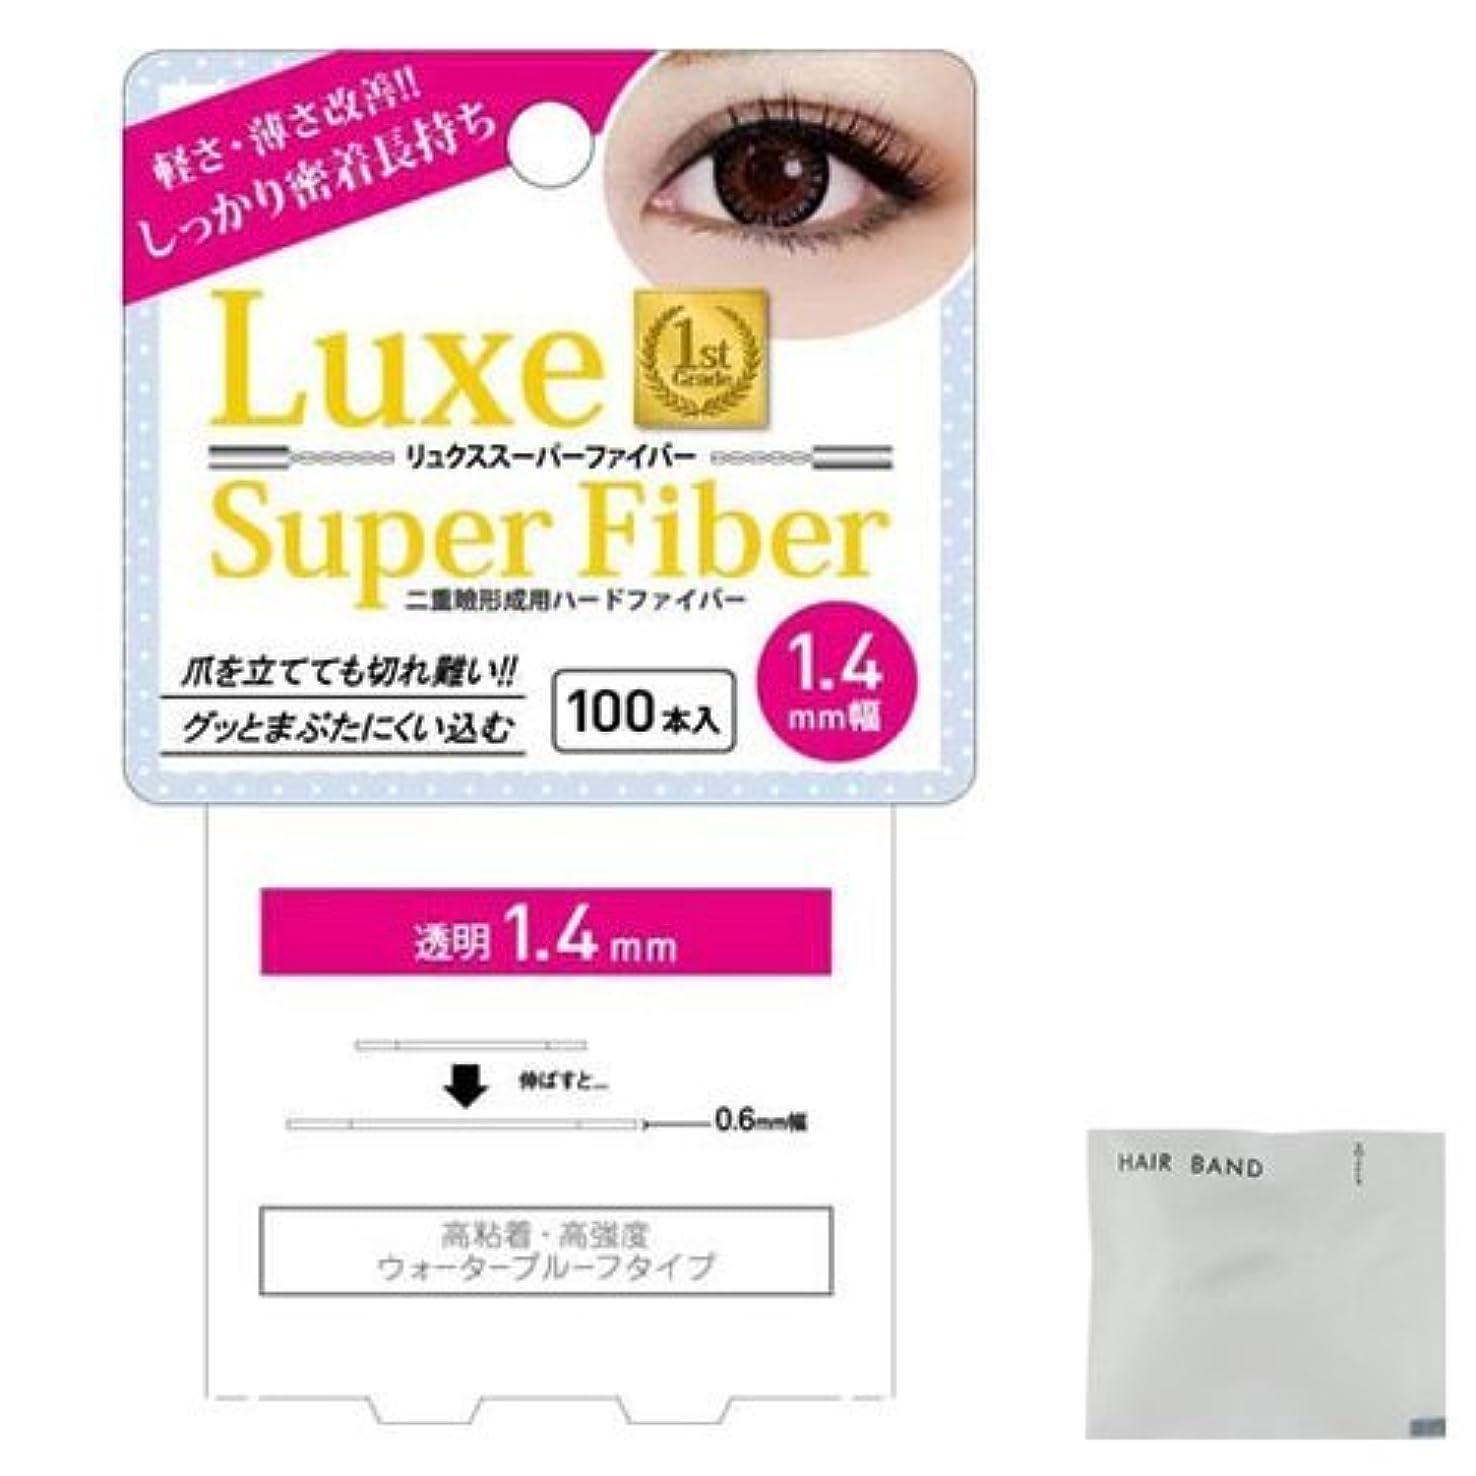 旅行娘普及Luxe スーパーファイバーⅡ (Super Fiber) クリア1.4mm + ヘアゴム(カラーはおまかせ)セット